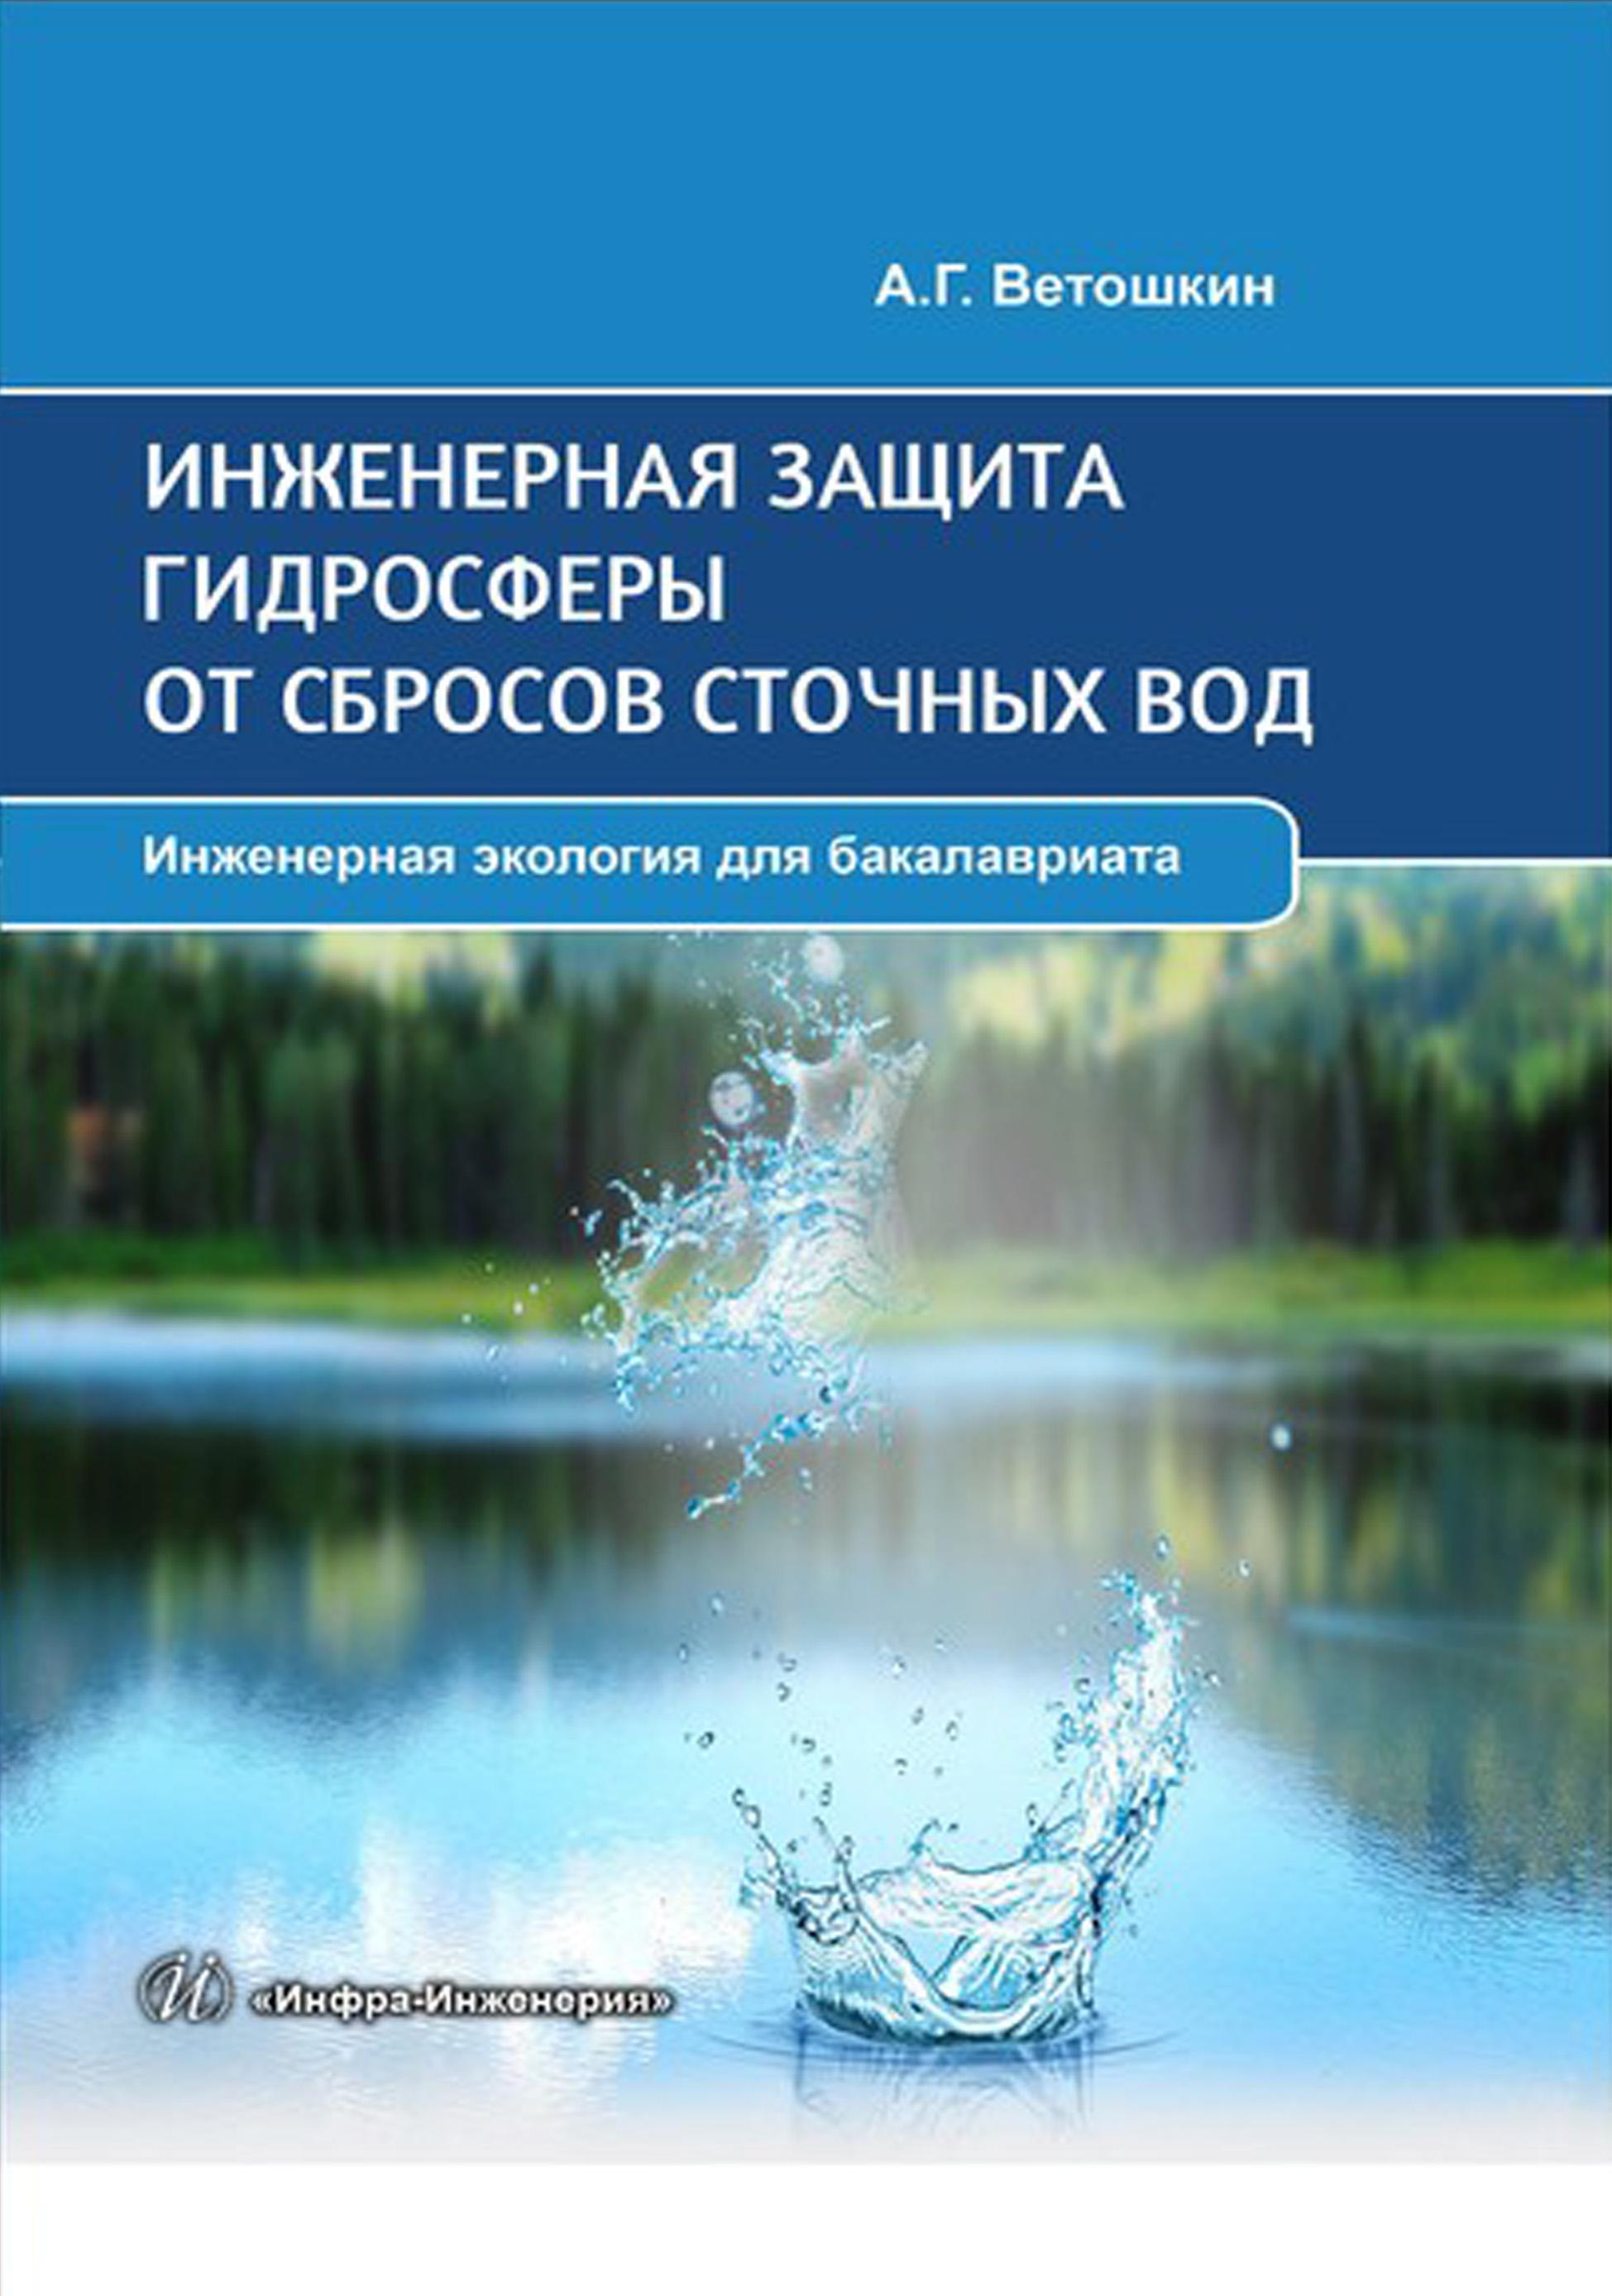 цена на А. Г. Ветошкин Инженерная защита гидросферы от сбросов сточных вод